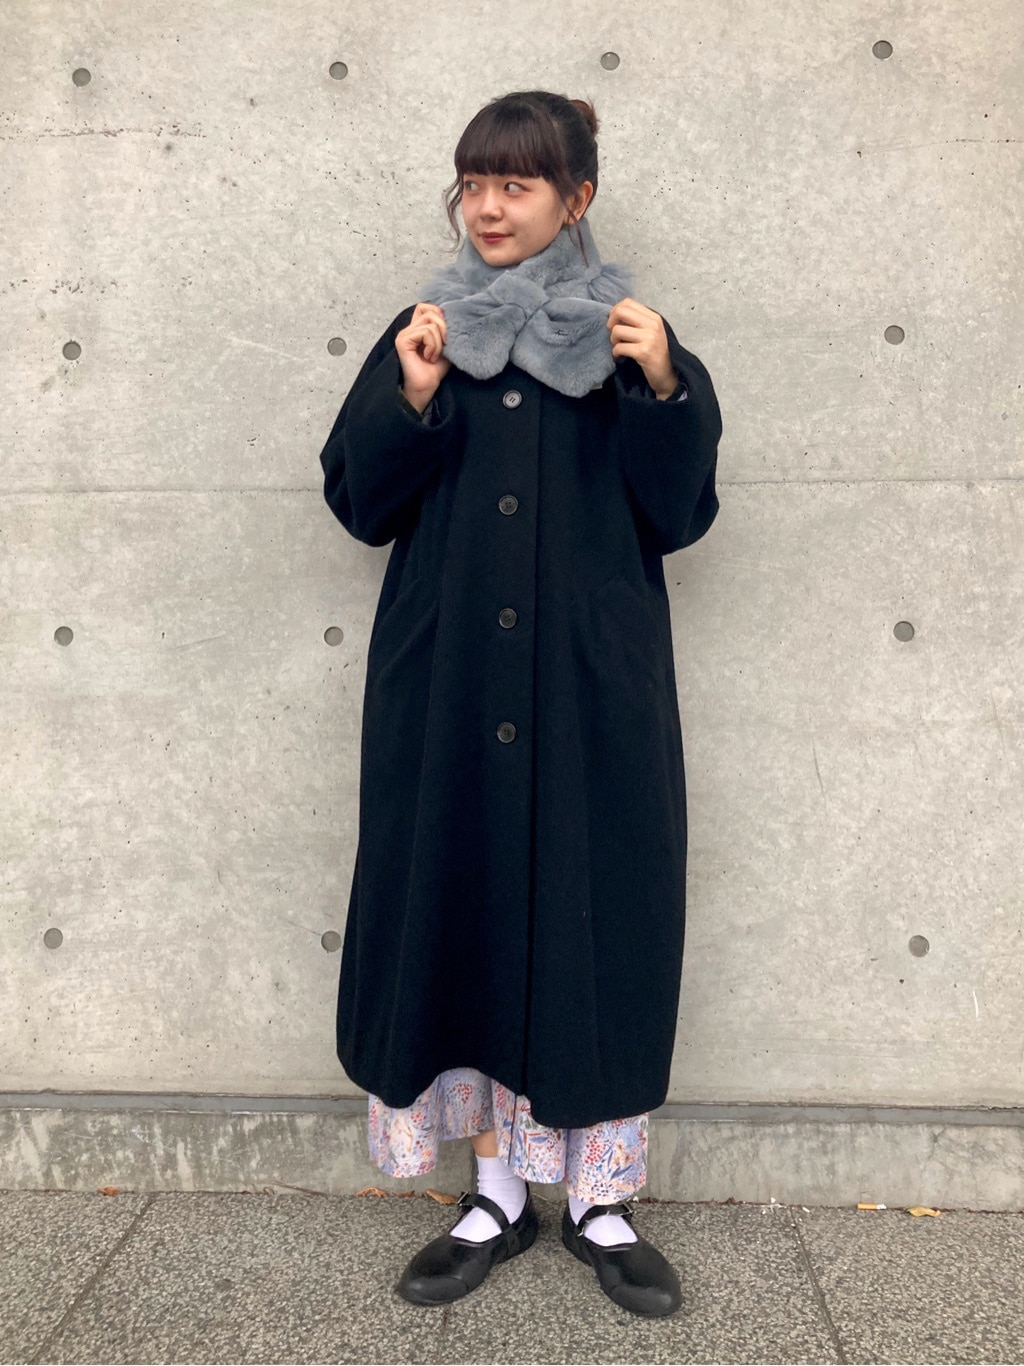 l'atelier du savon 東京スカイツリータウン・ソラマチ 身長:154cm 2020.10.16